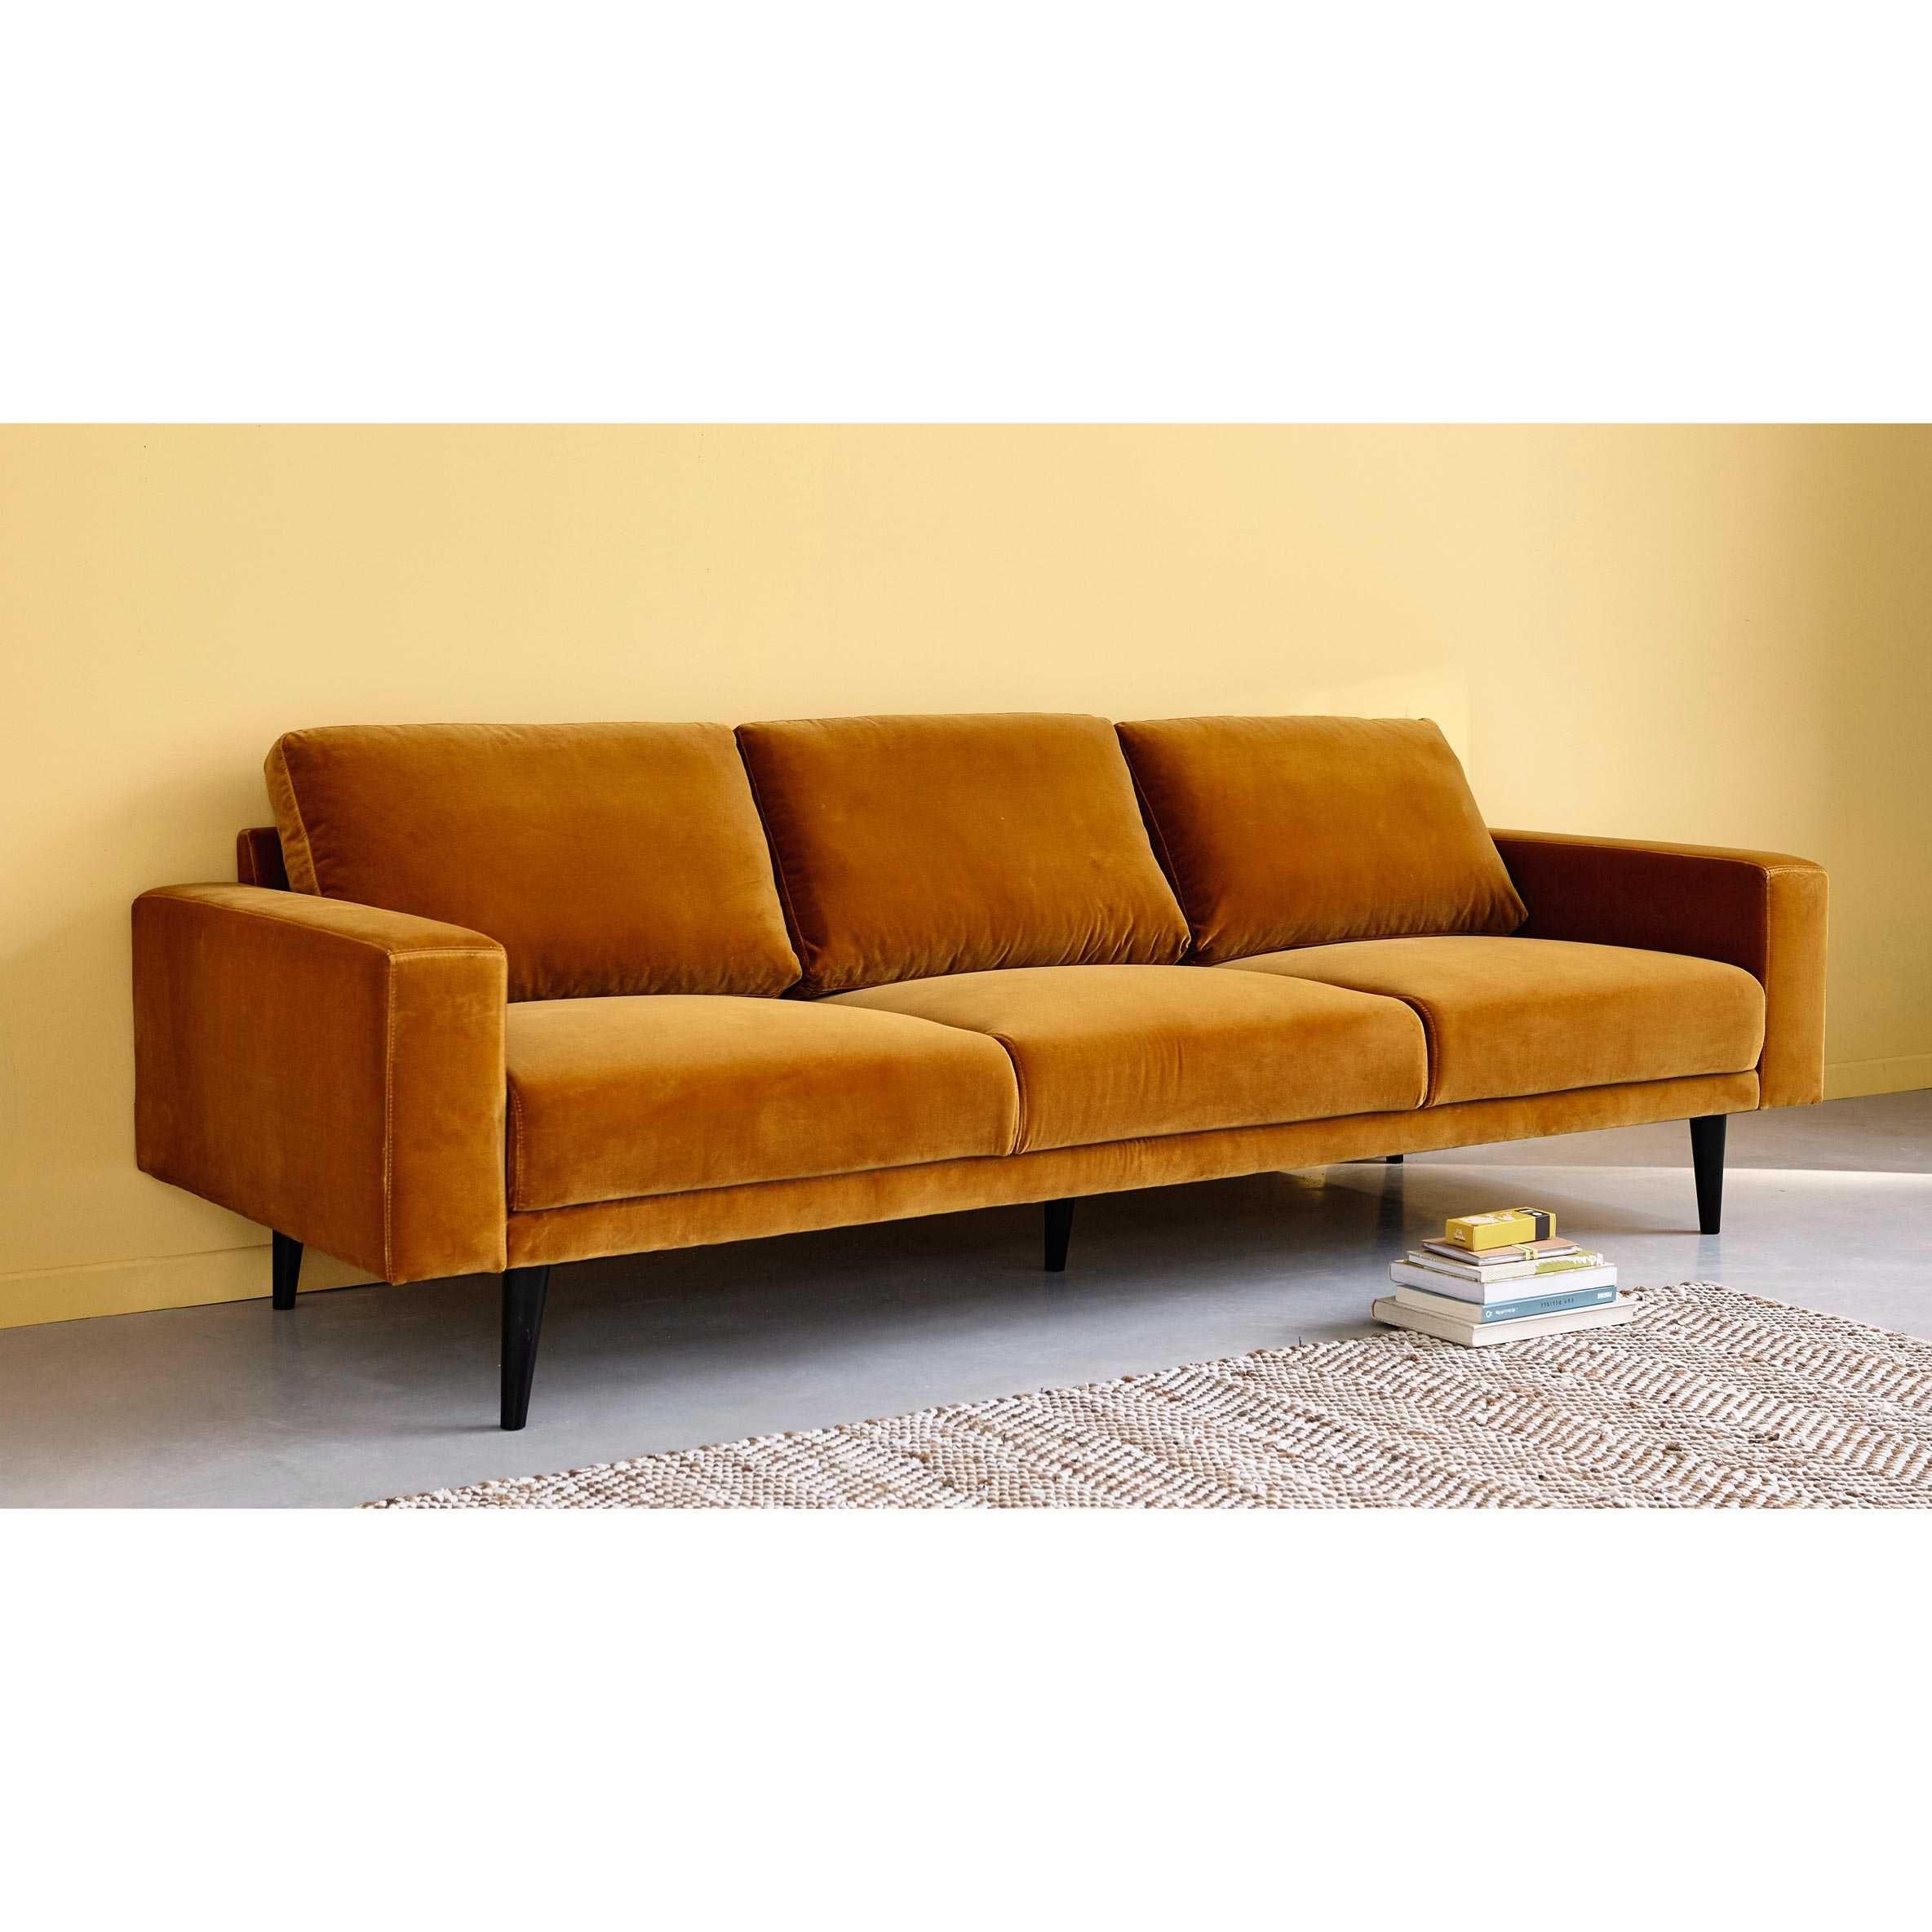 Sof 4 plazas de terciopelo amarillo mostaza clark maisons du monde sofas pinterest sof - Sofa terciopelo azul ...